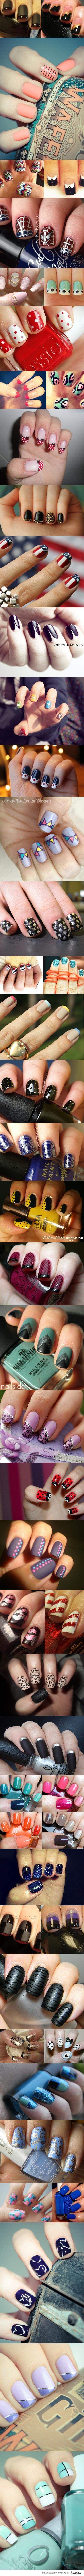 omg so many nails